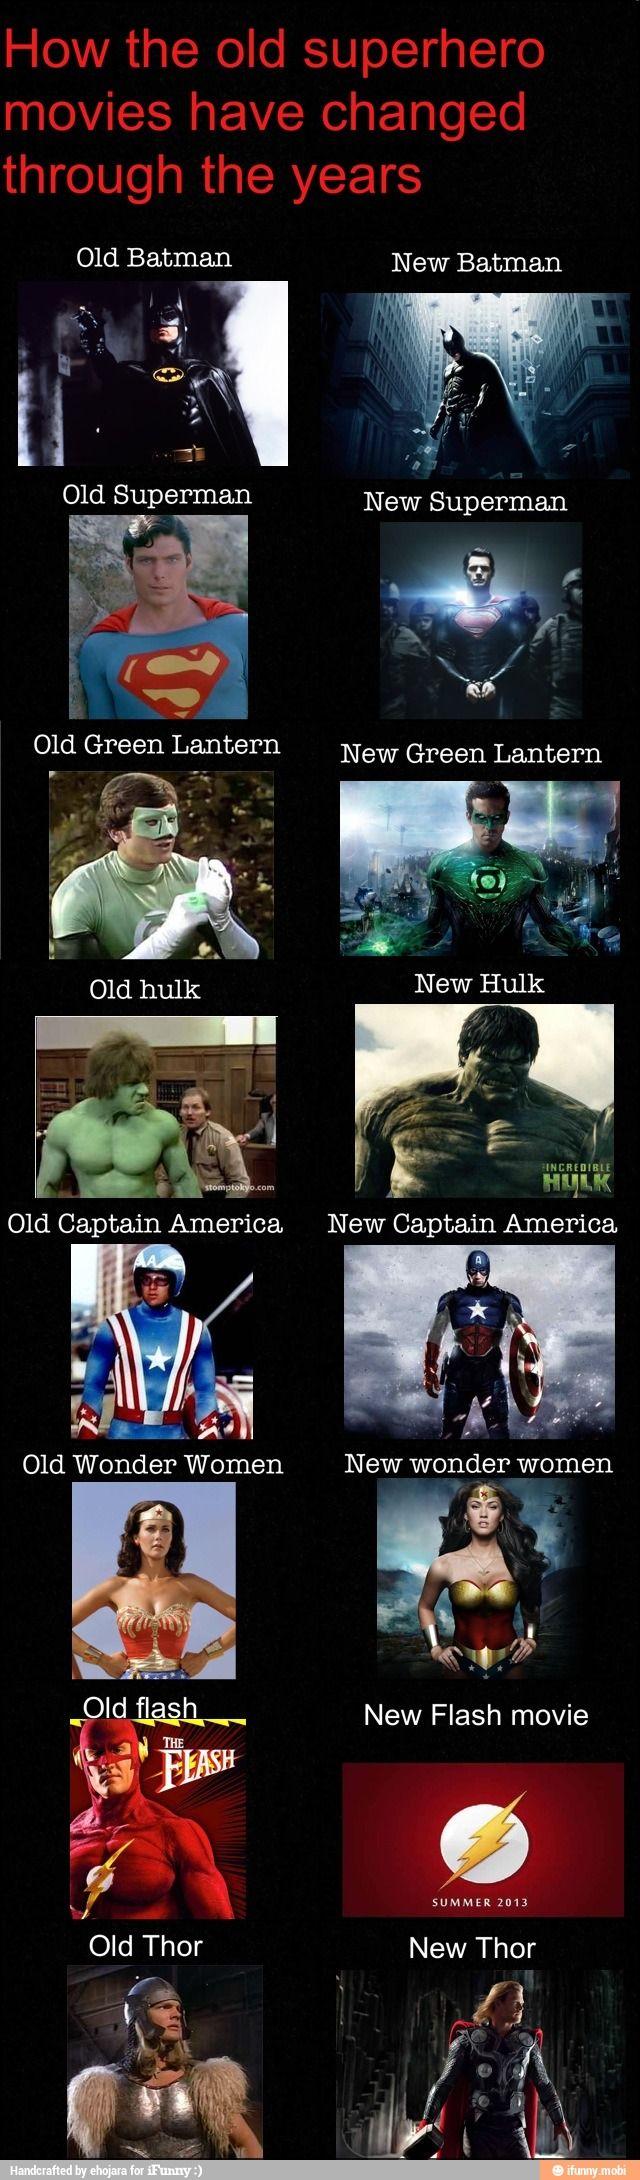 Superheroes evolution